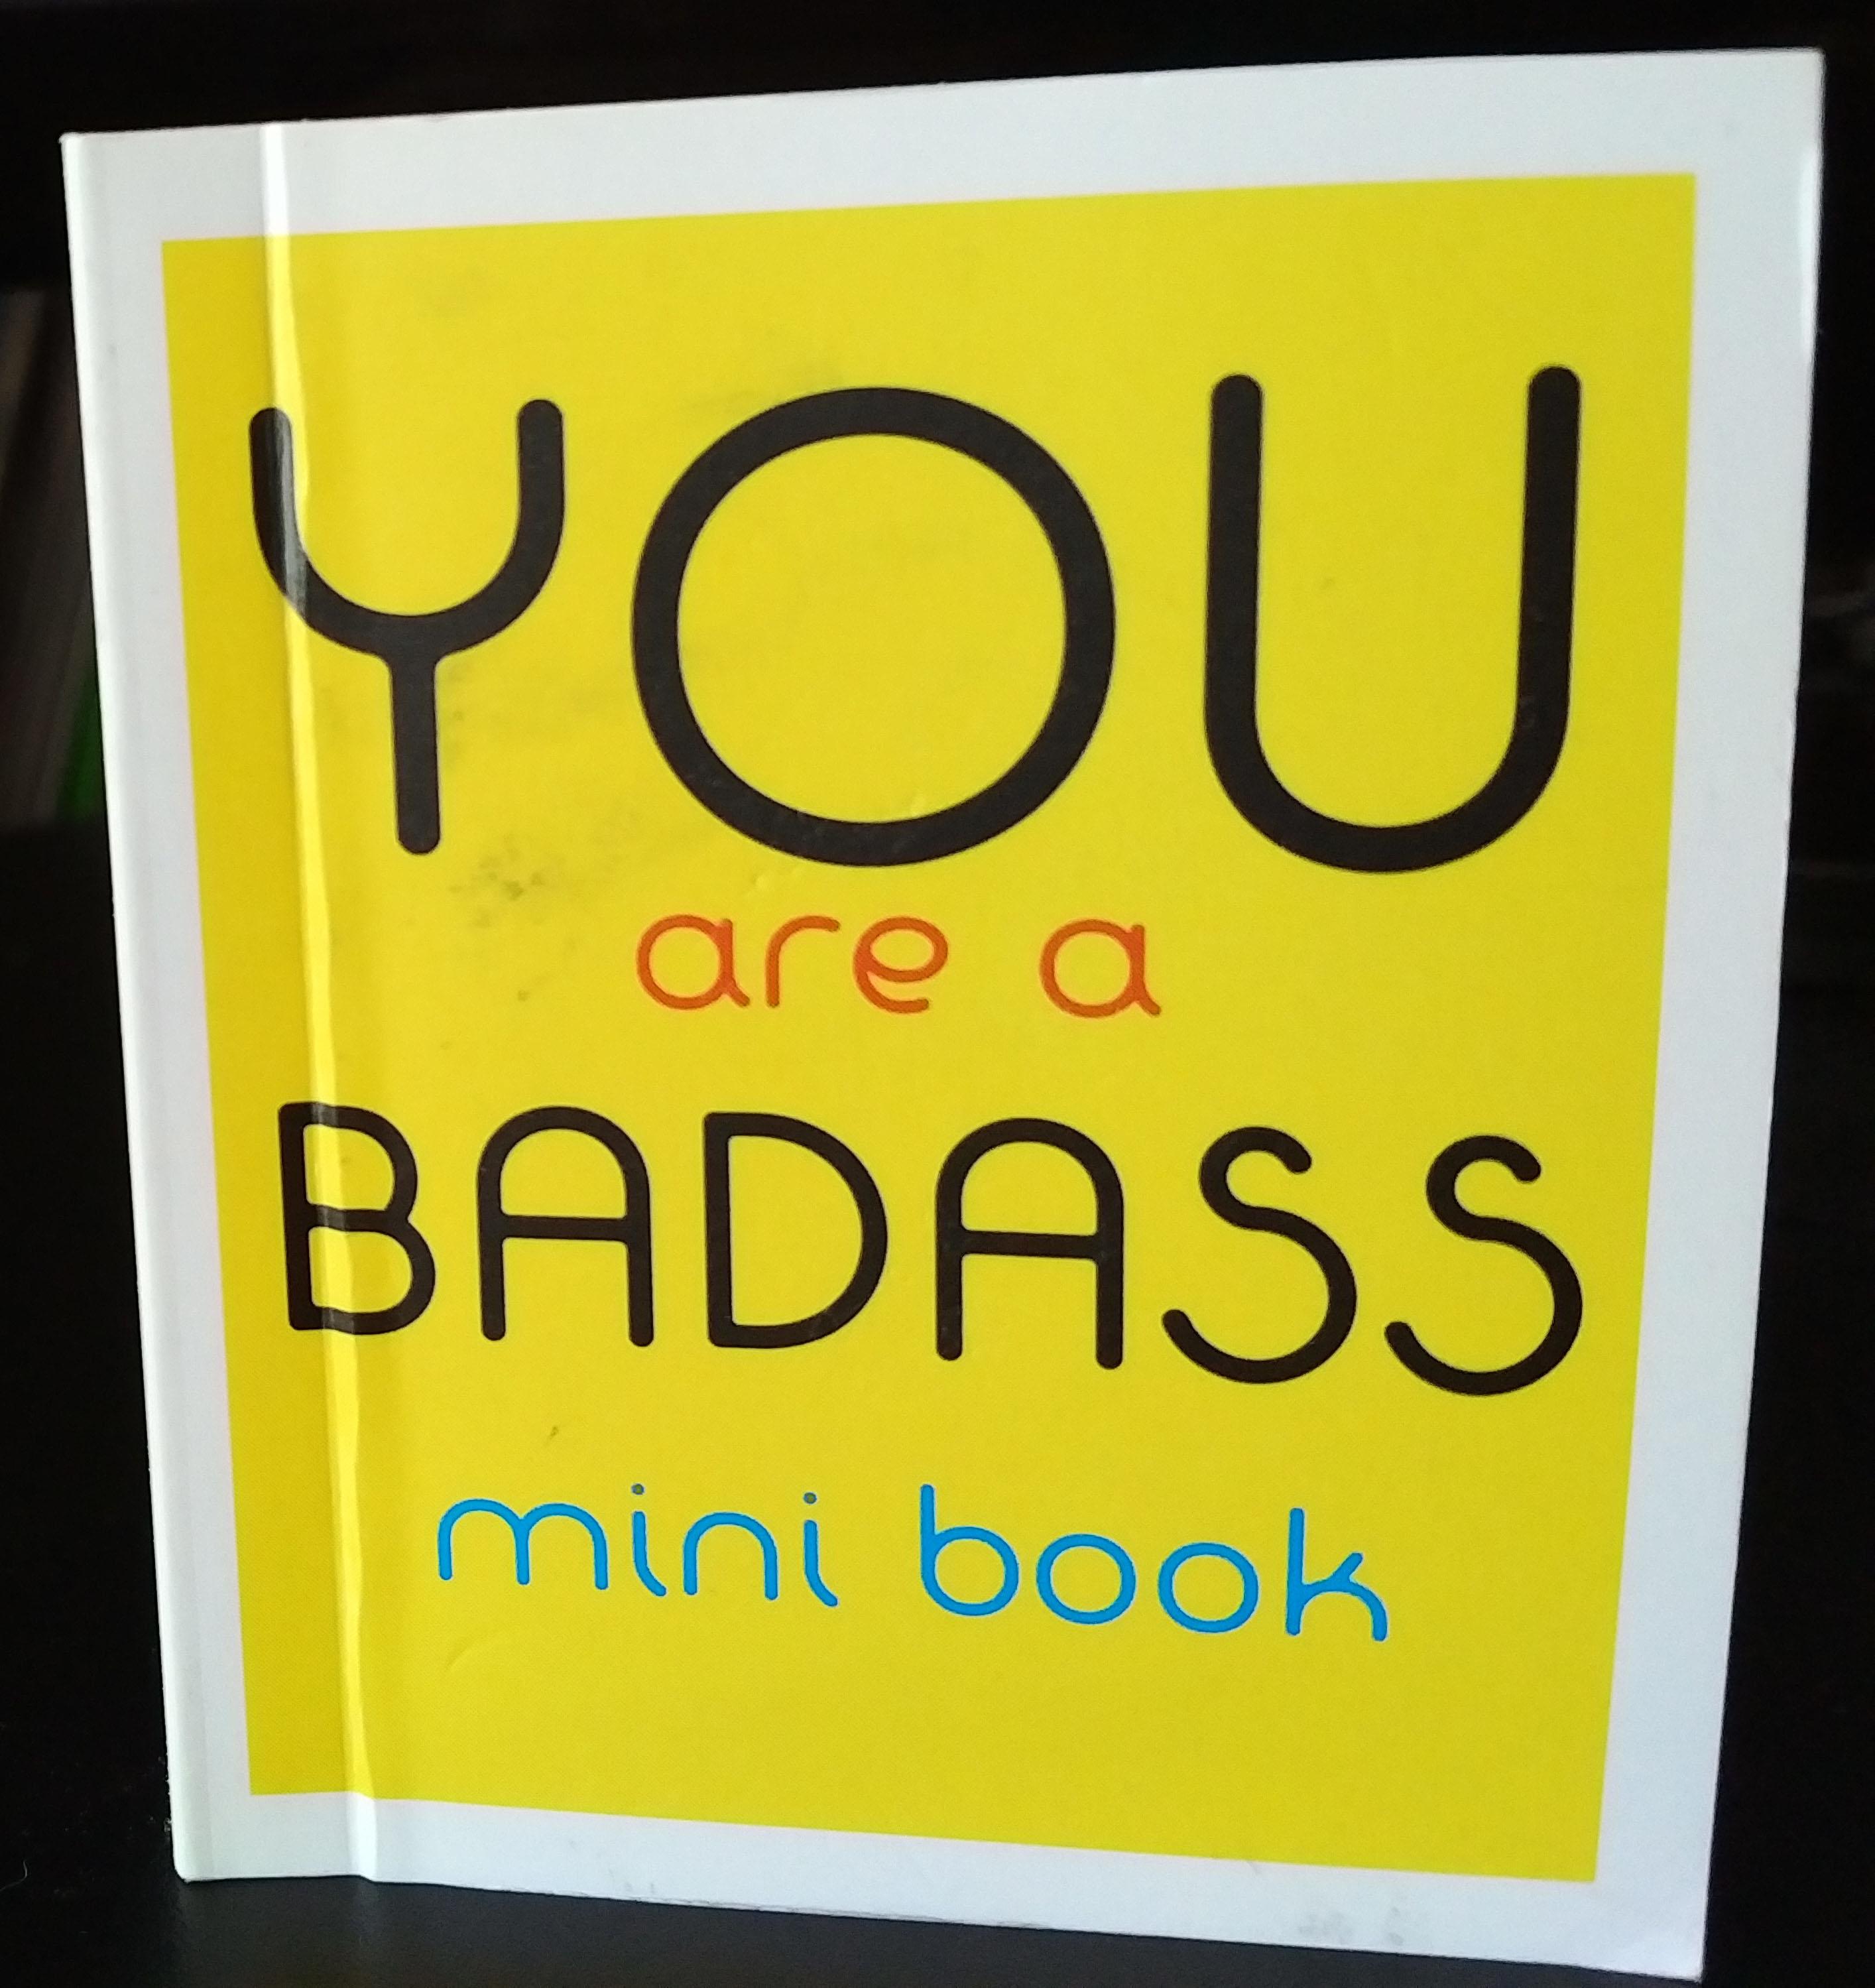 You are a Badass Mini Book